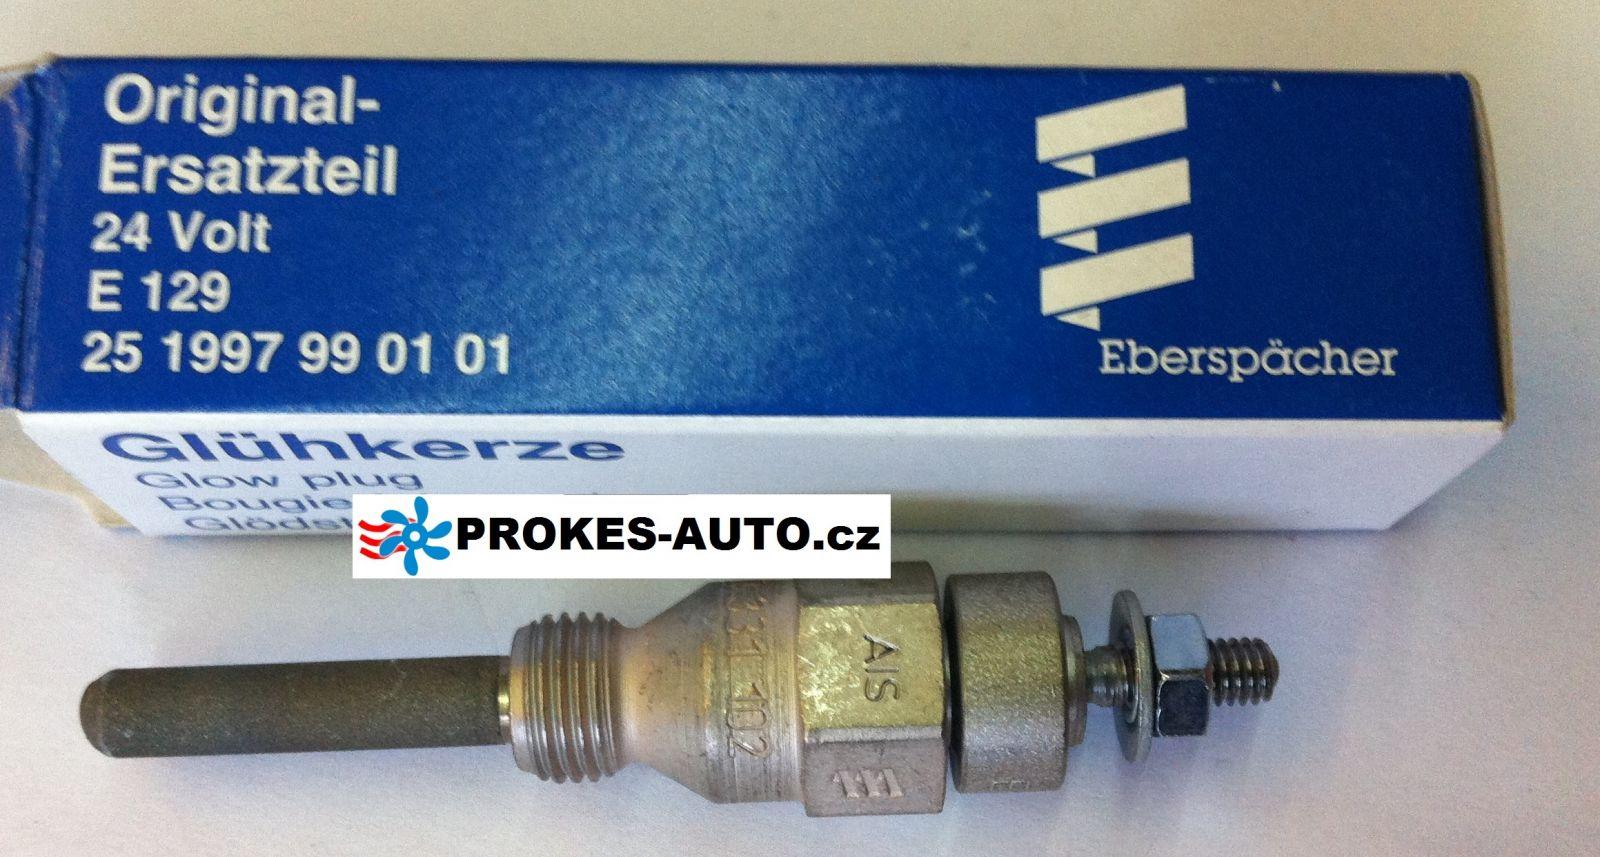 Glühkerze E129 24V Hydronic 10 / D9W 251997990101 Eberspächer